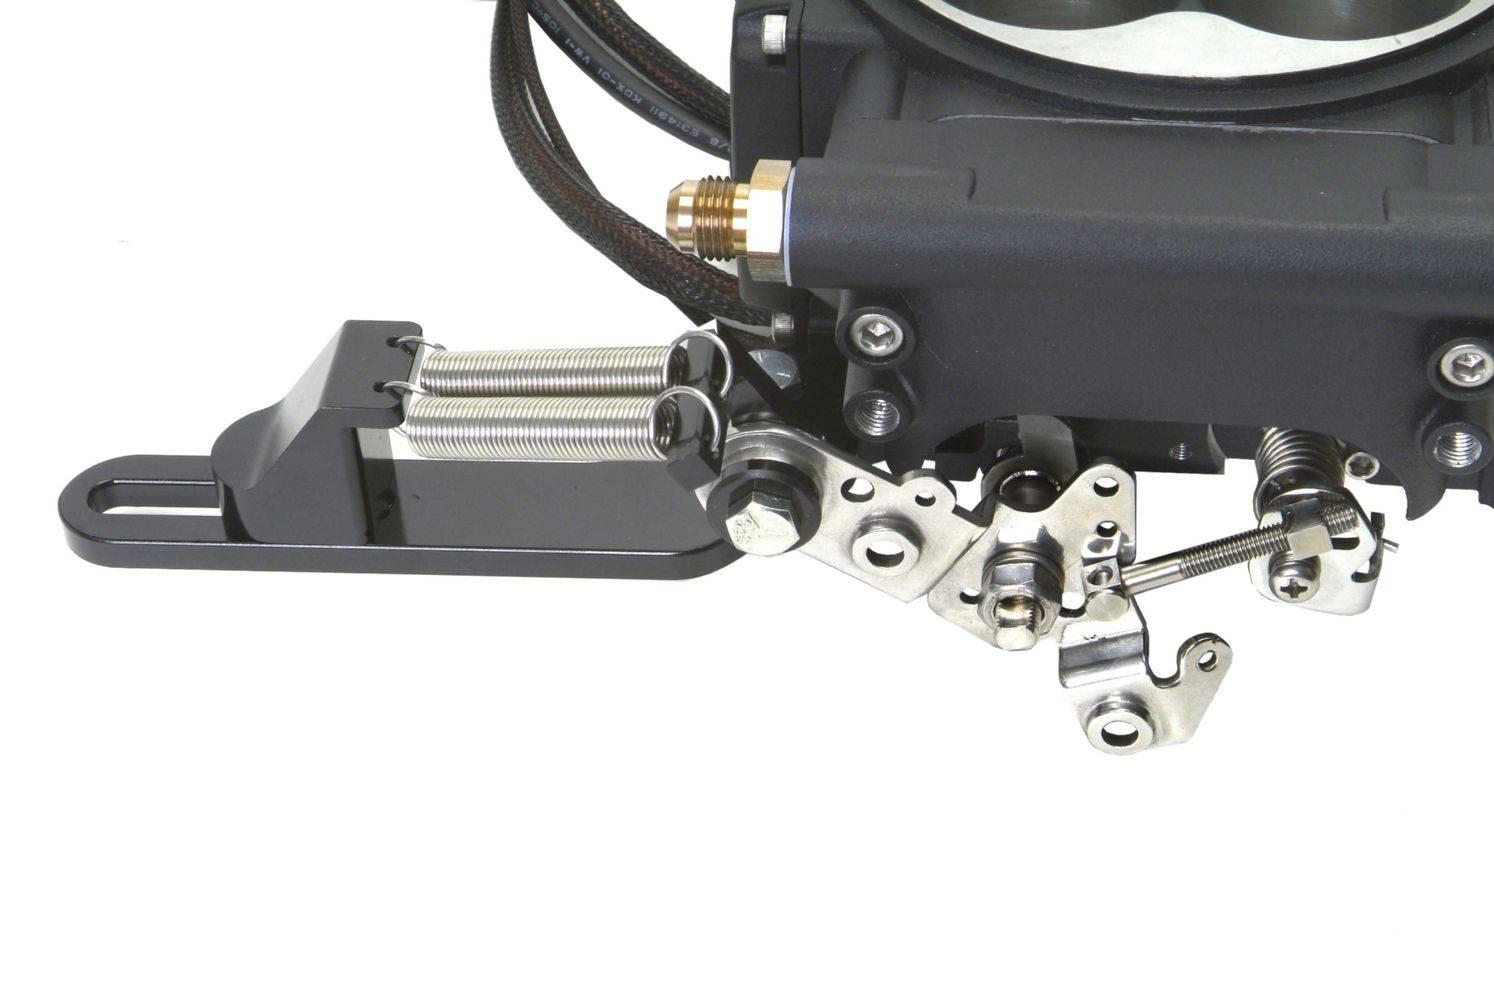 Fth-60011